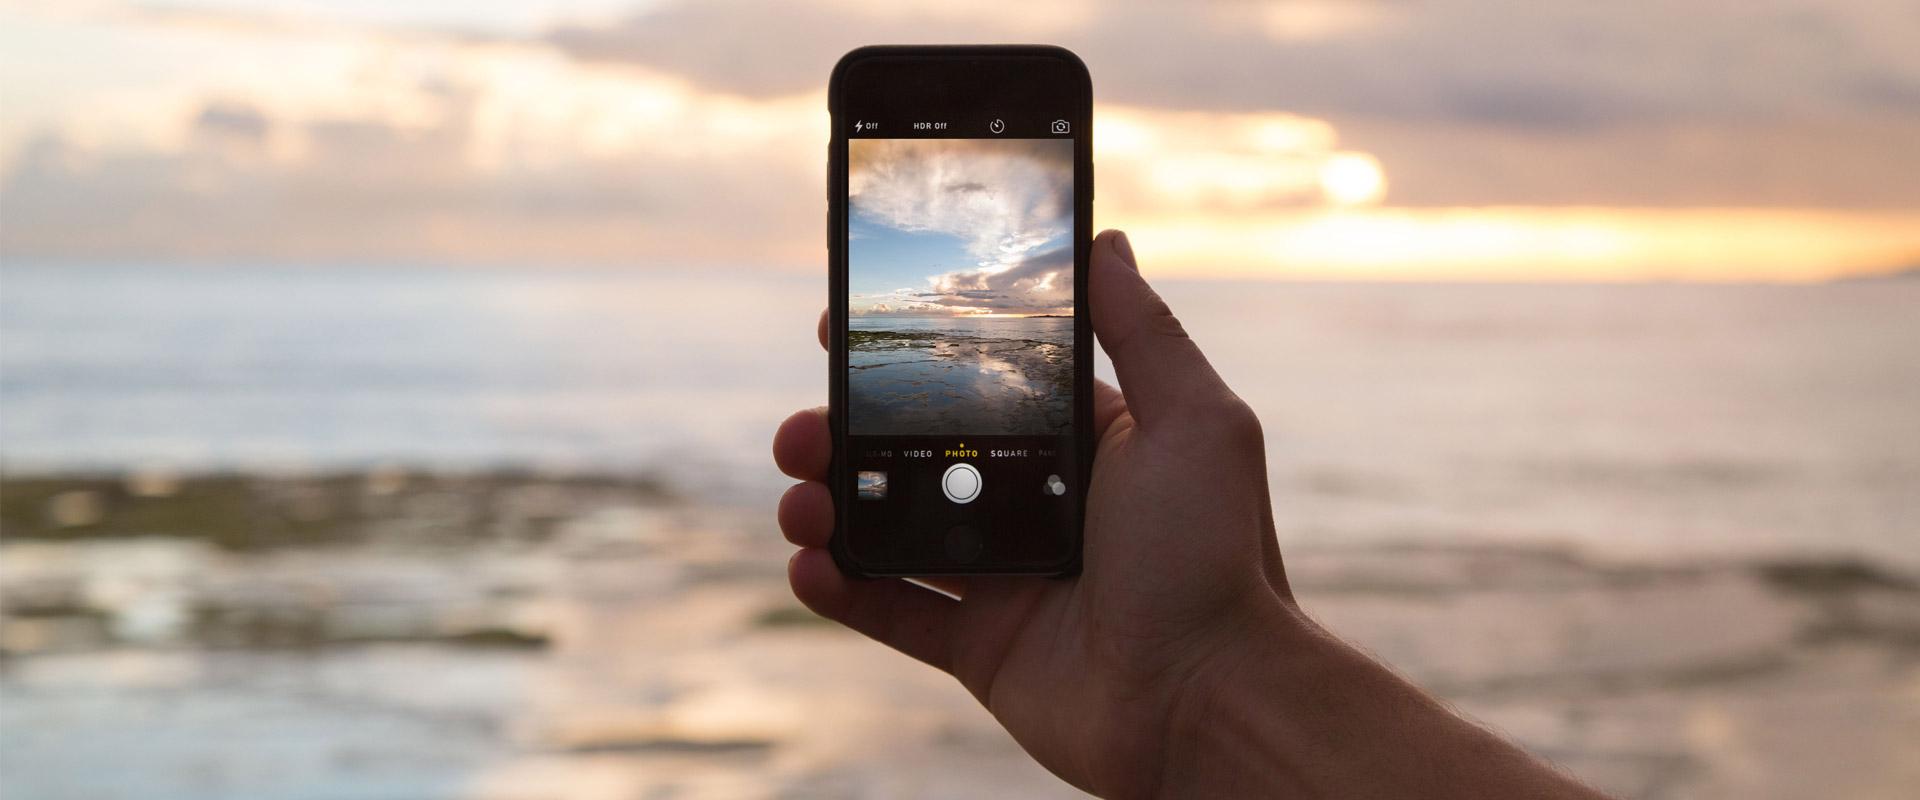 Permalink to: Мобильные приложения для работы с 1С